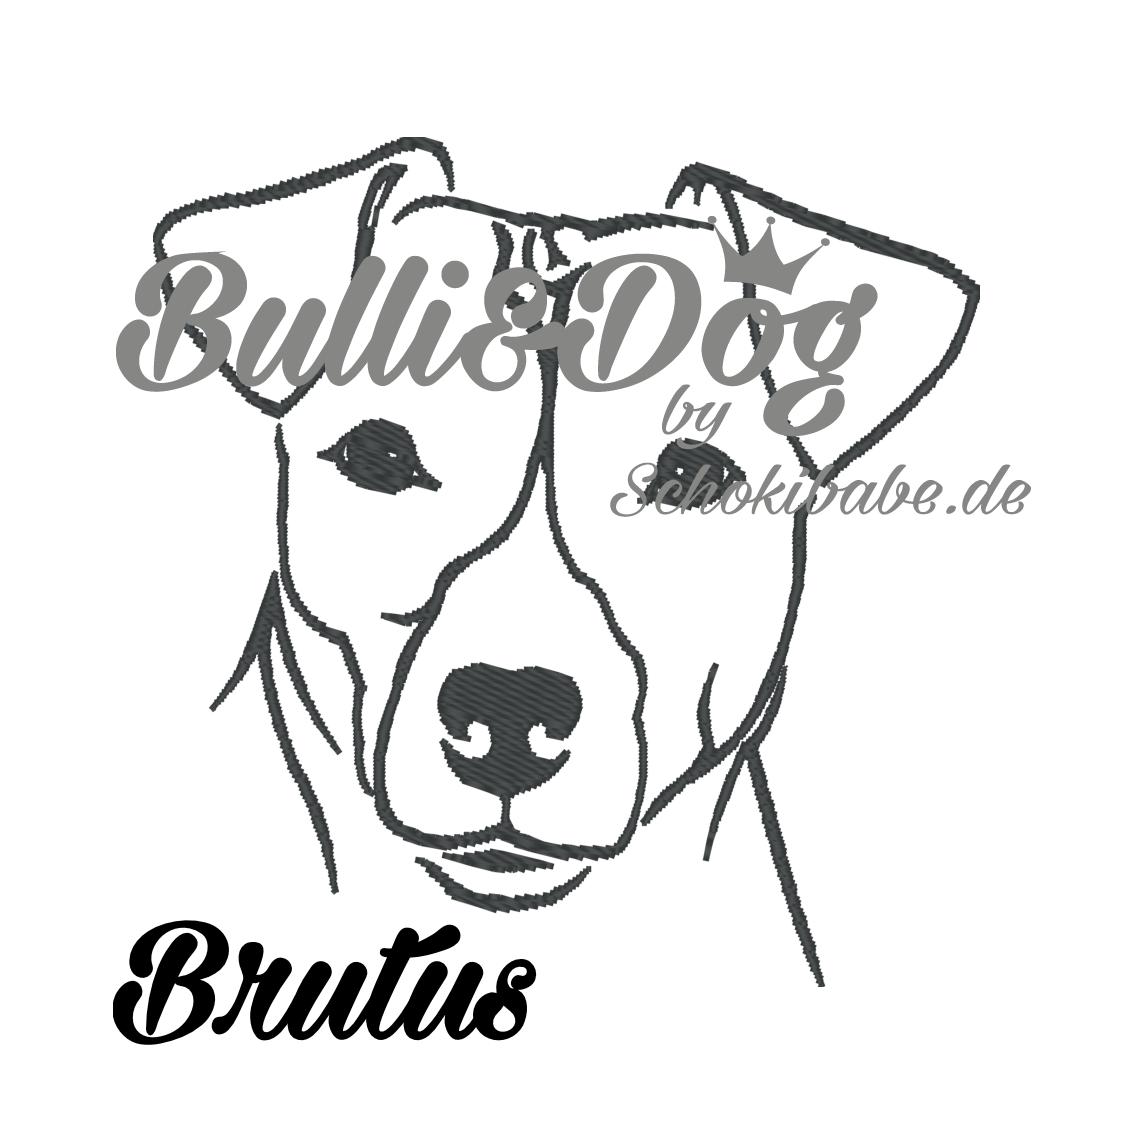 Brutus_7x7